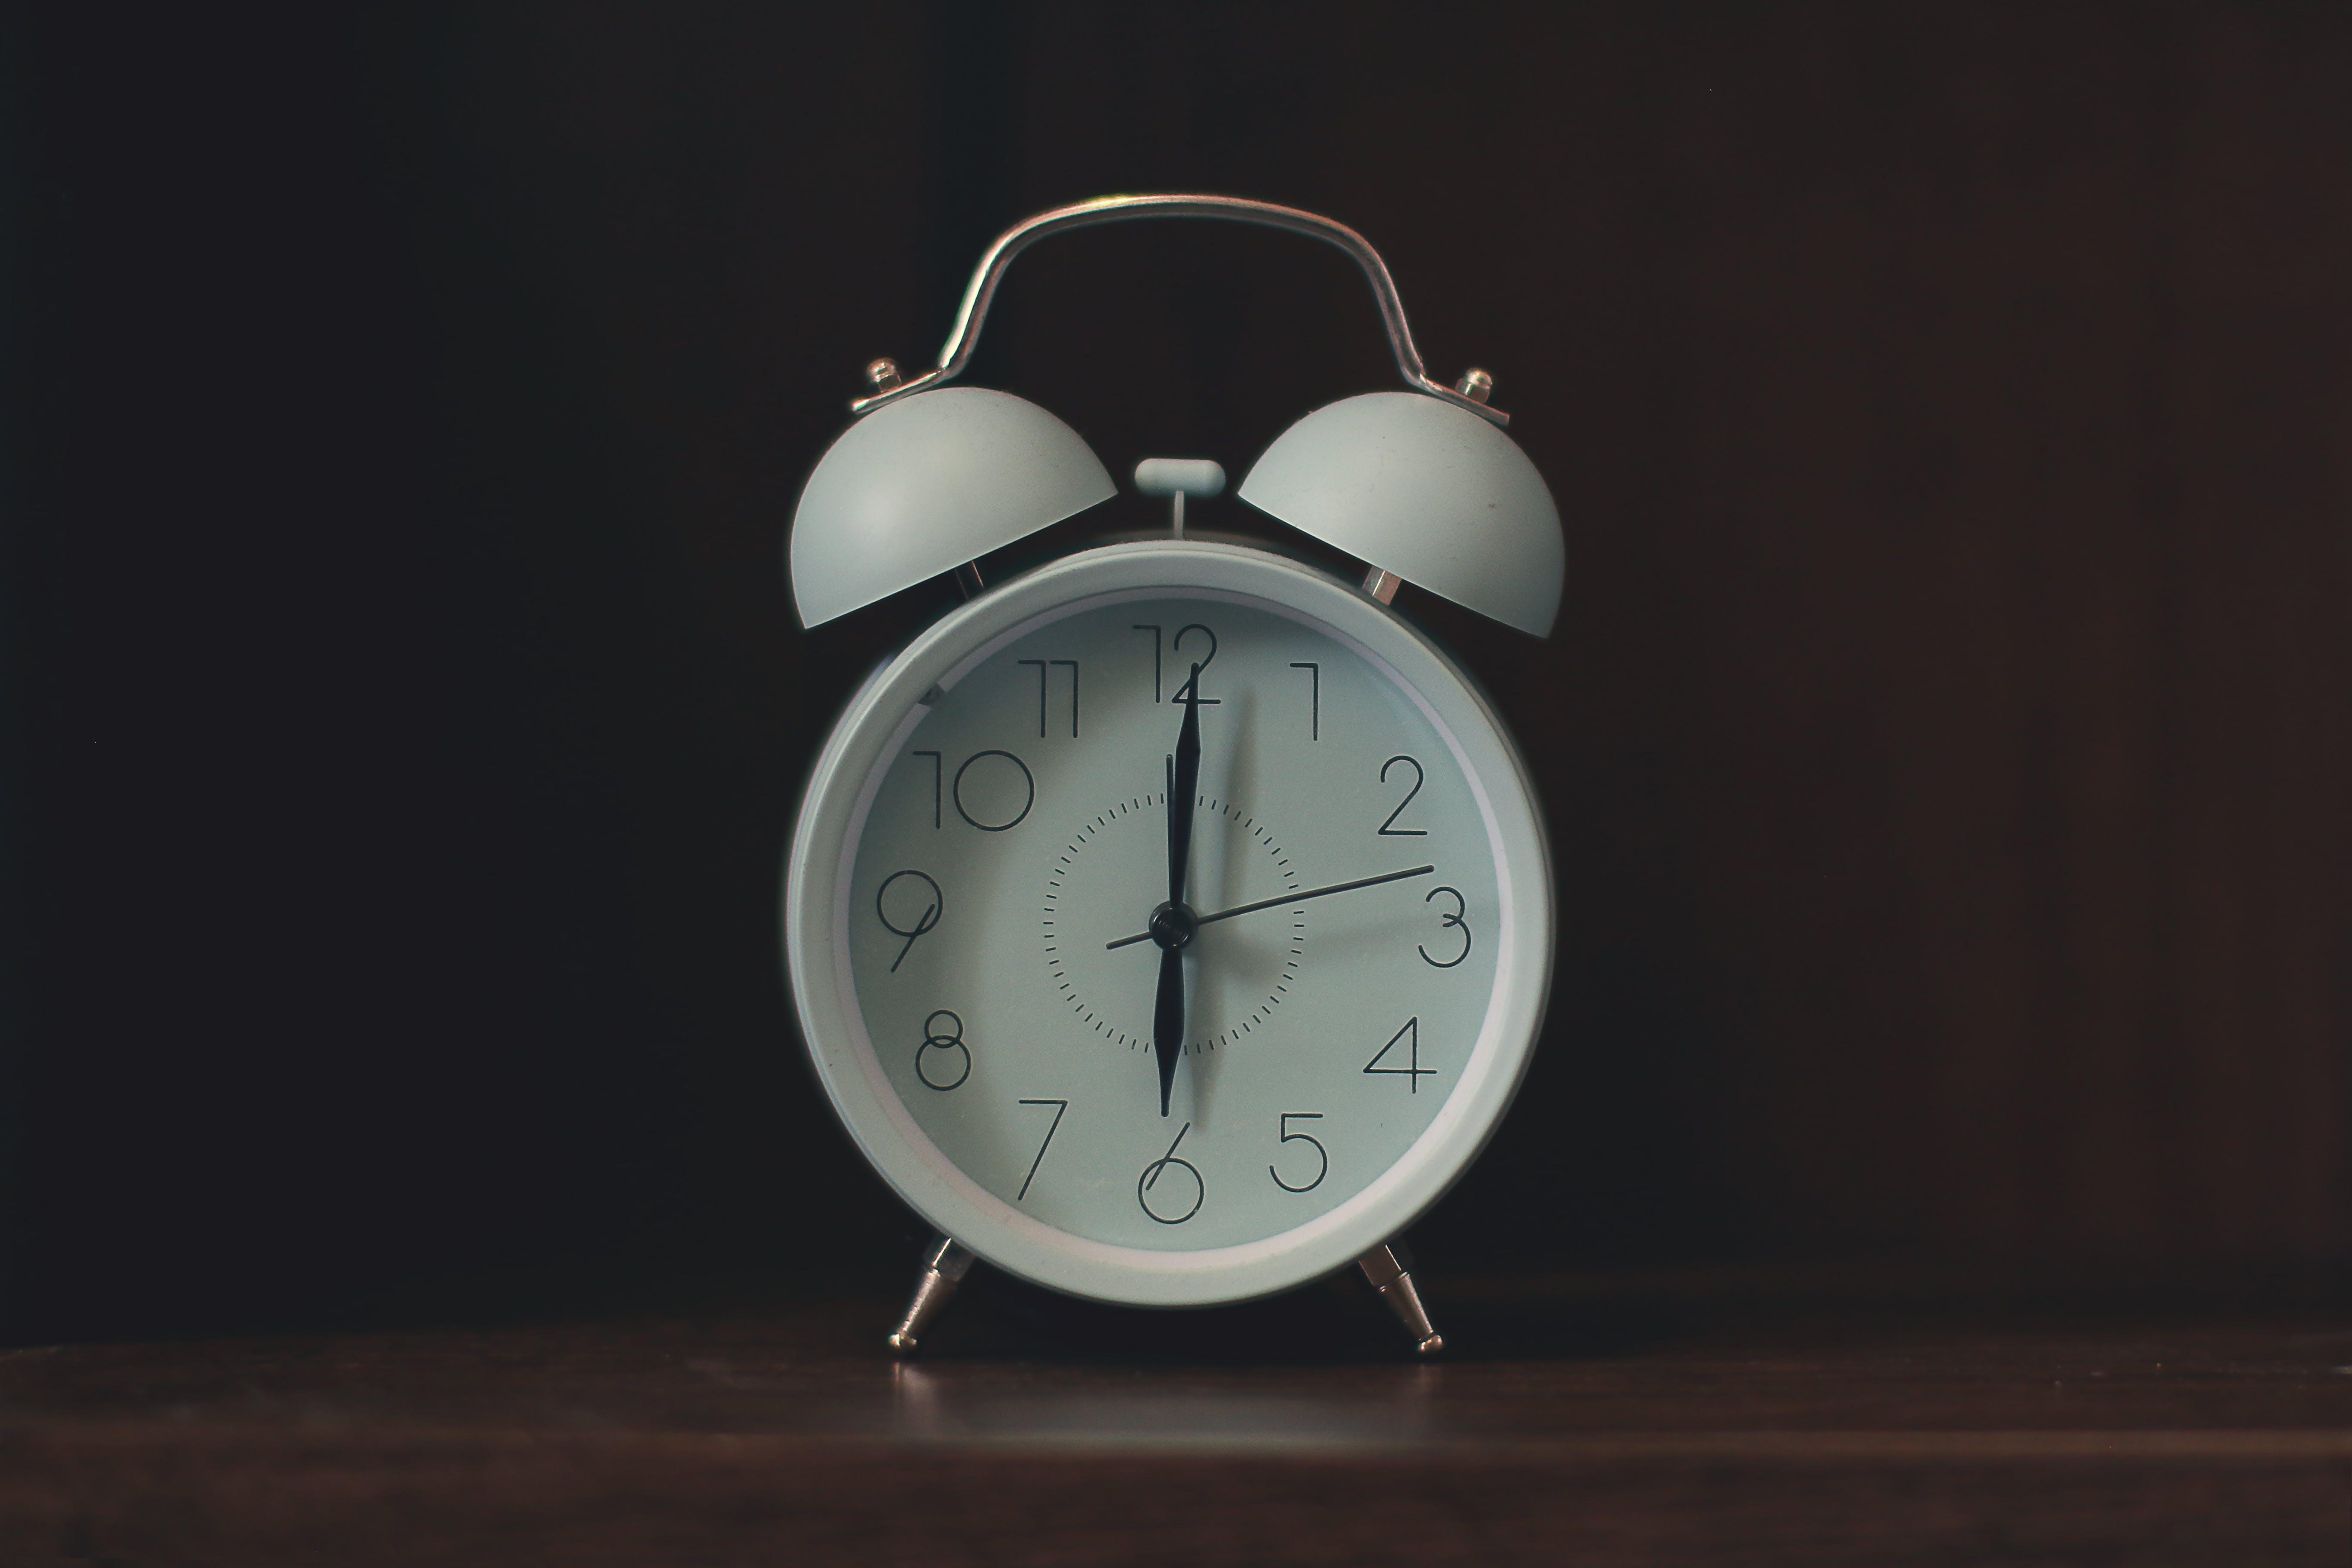 倒數, 分鐘, 喚醒, 圓形時鐘 的 免費圖庫相片